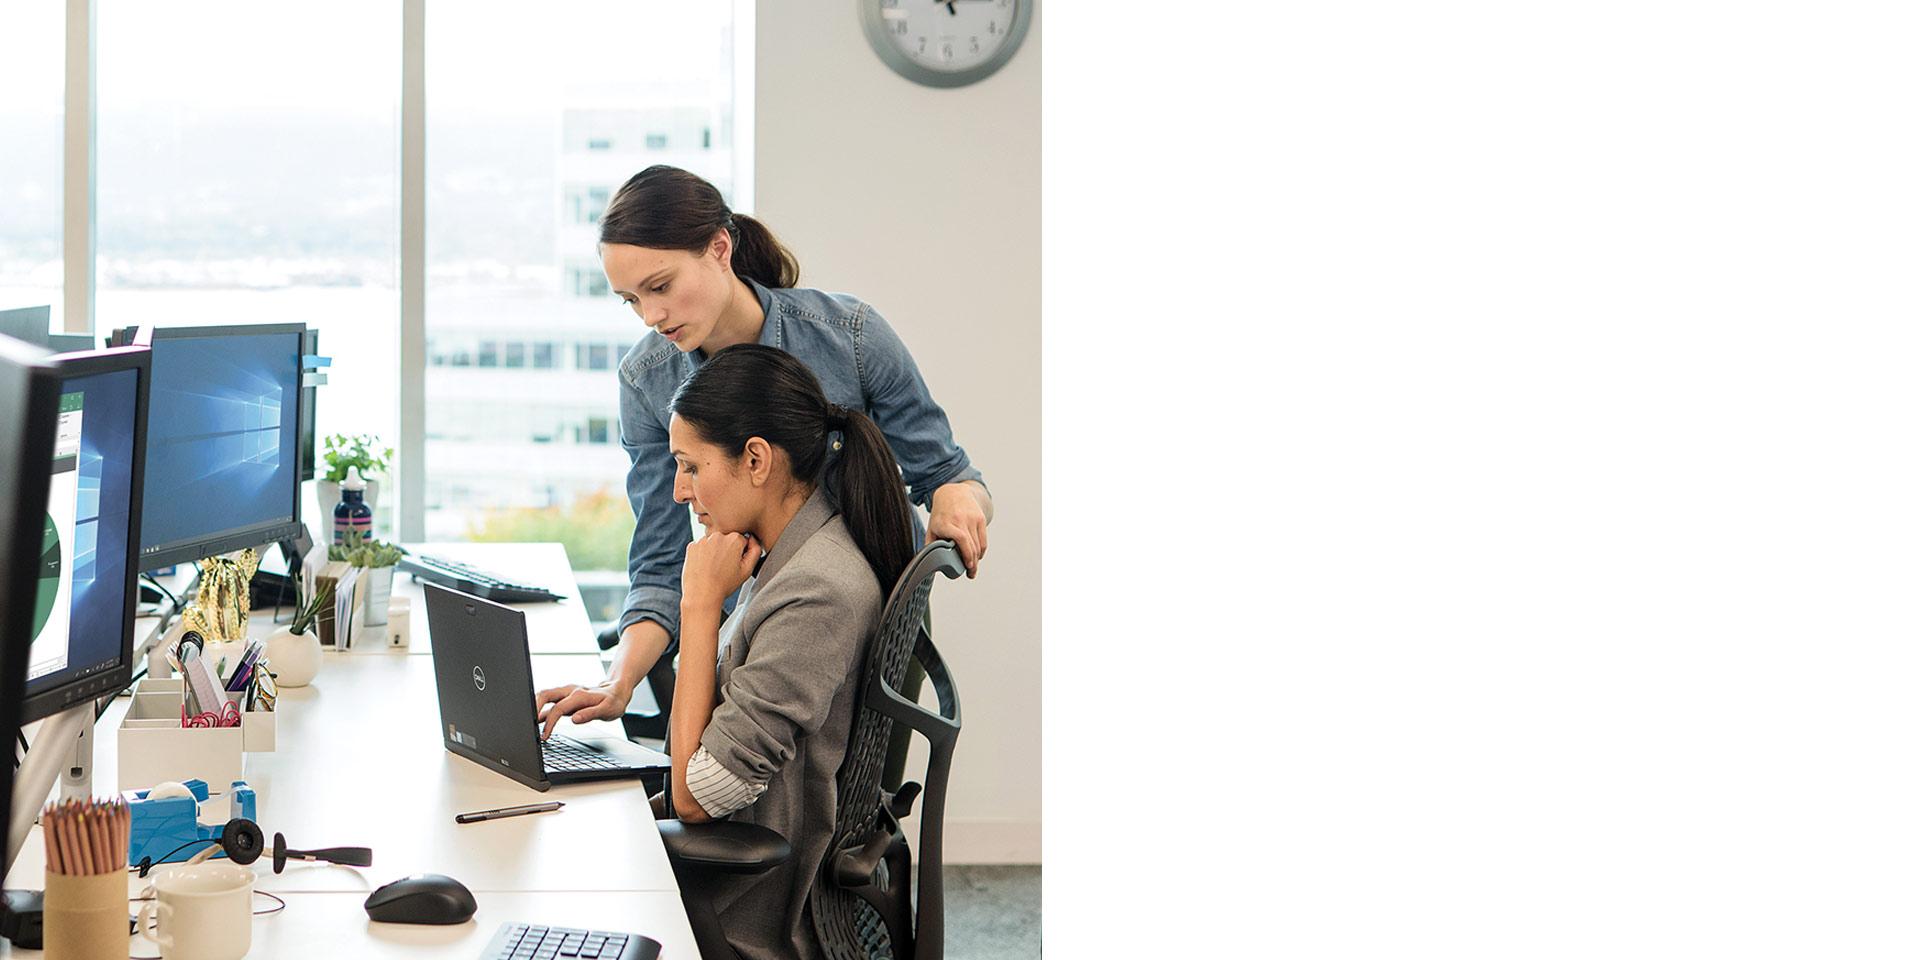 Deux femmes qui regardent un ordinateur portable